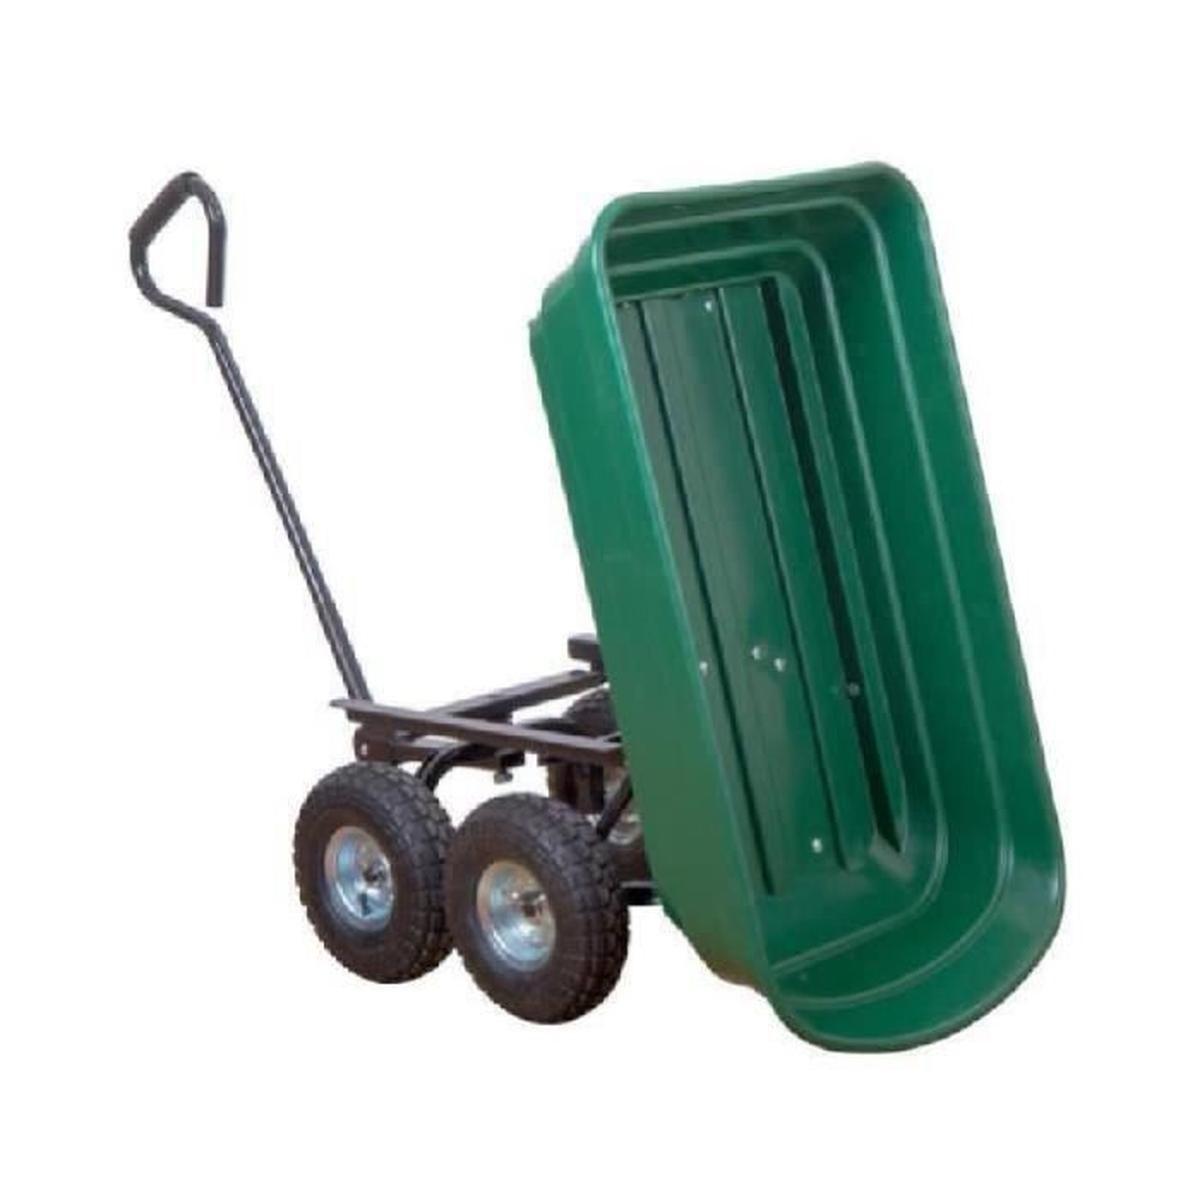 2 En 1 Chariot De Jardin À Main Et Remorque Benne Basculante ... serapportantà Chariot De Jardin 4 Roues